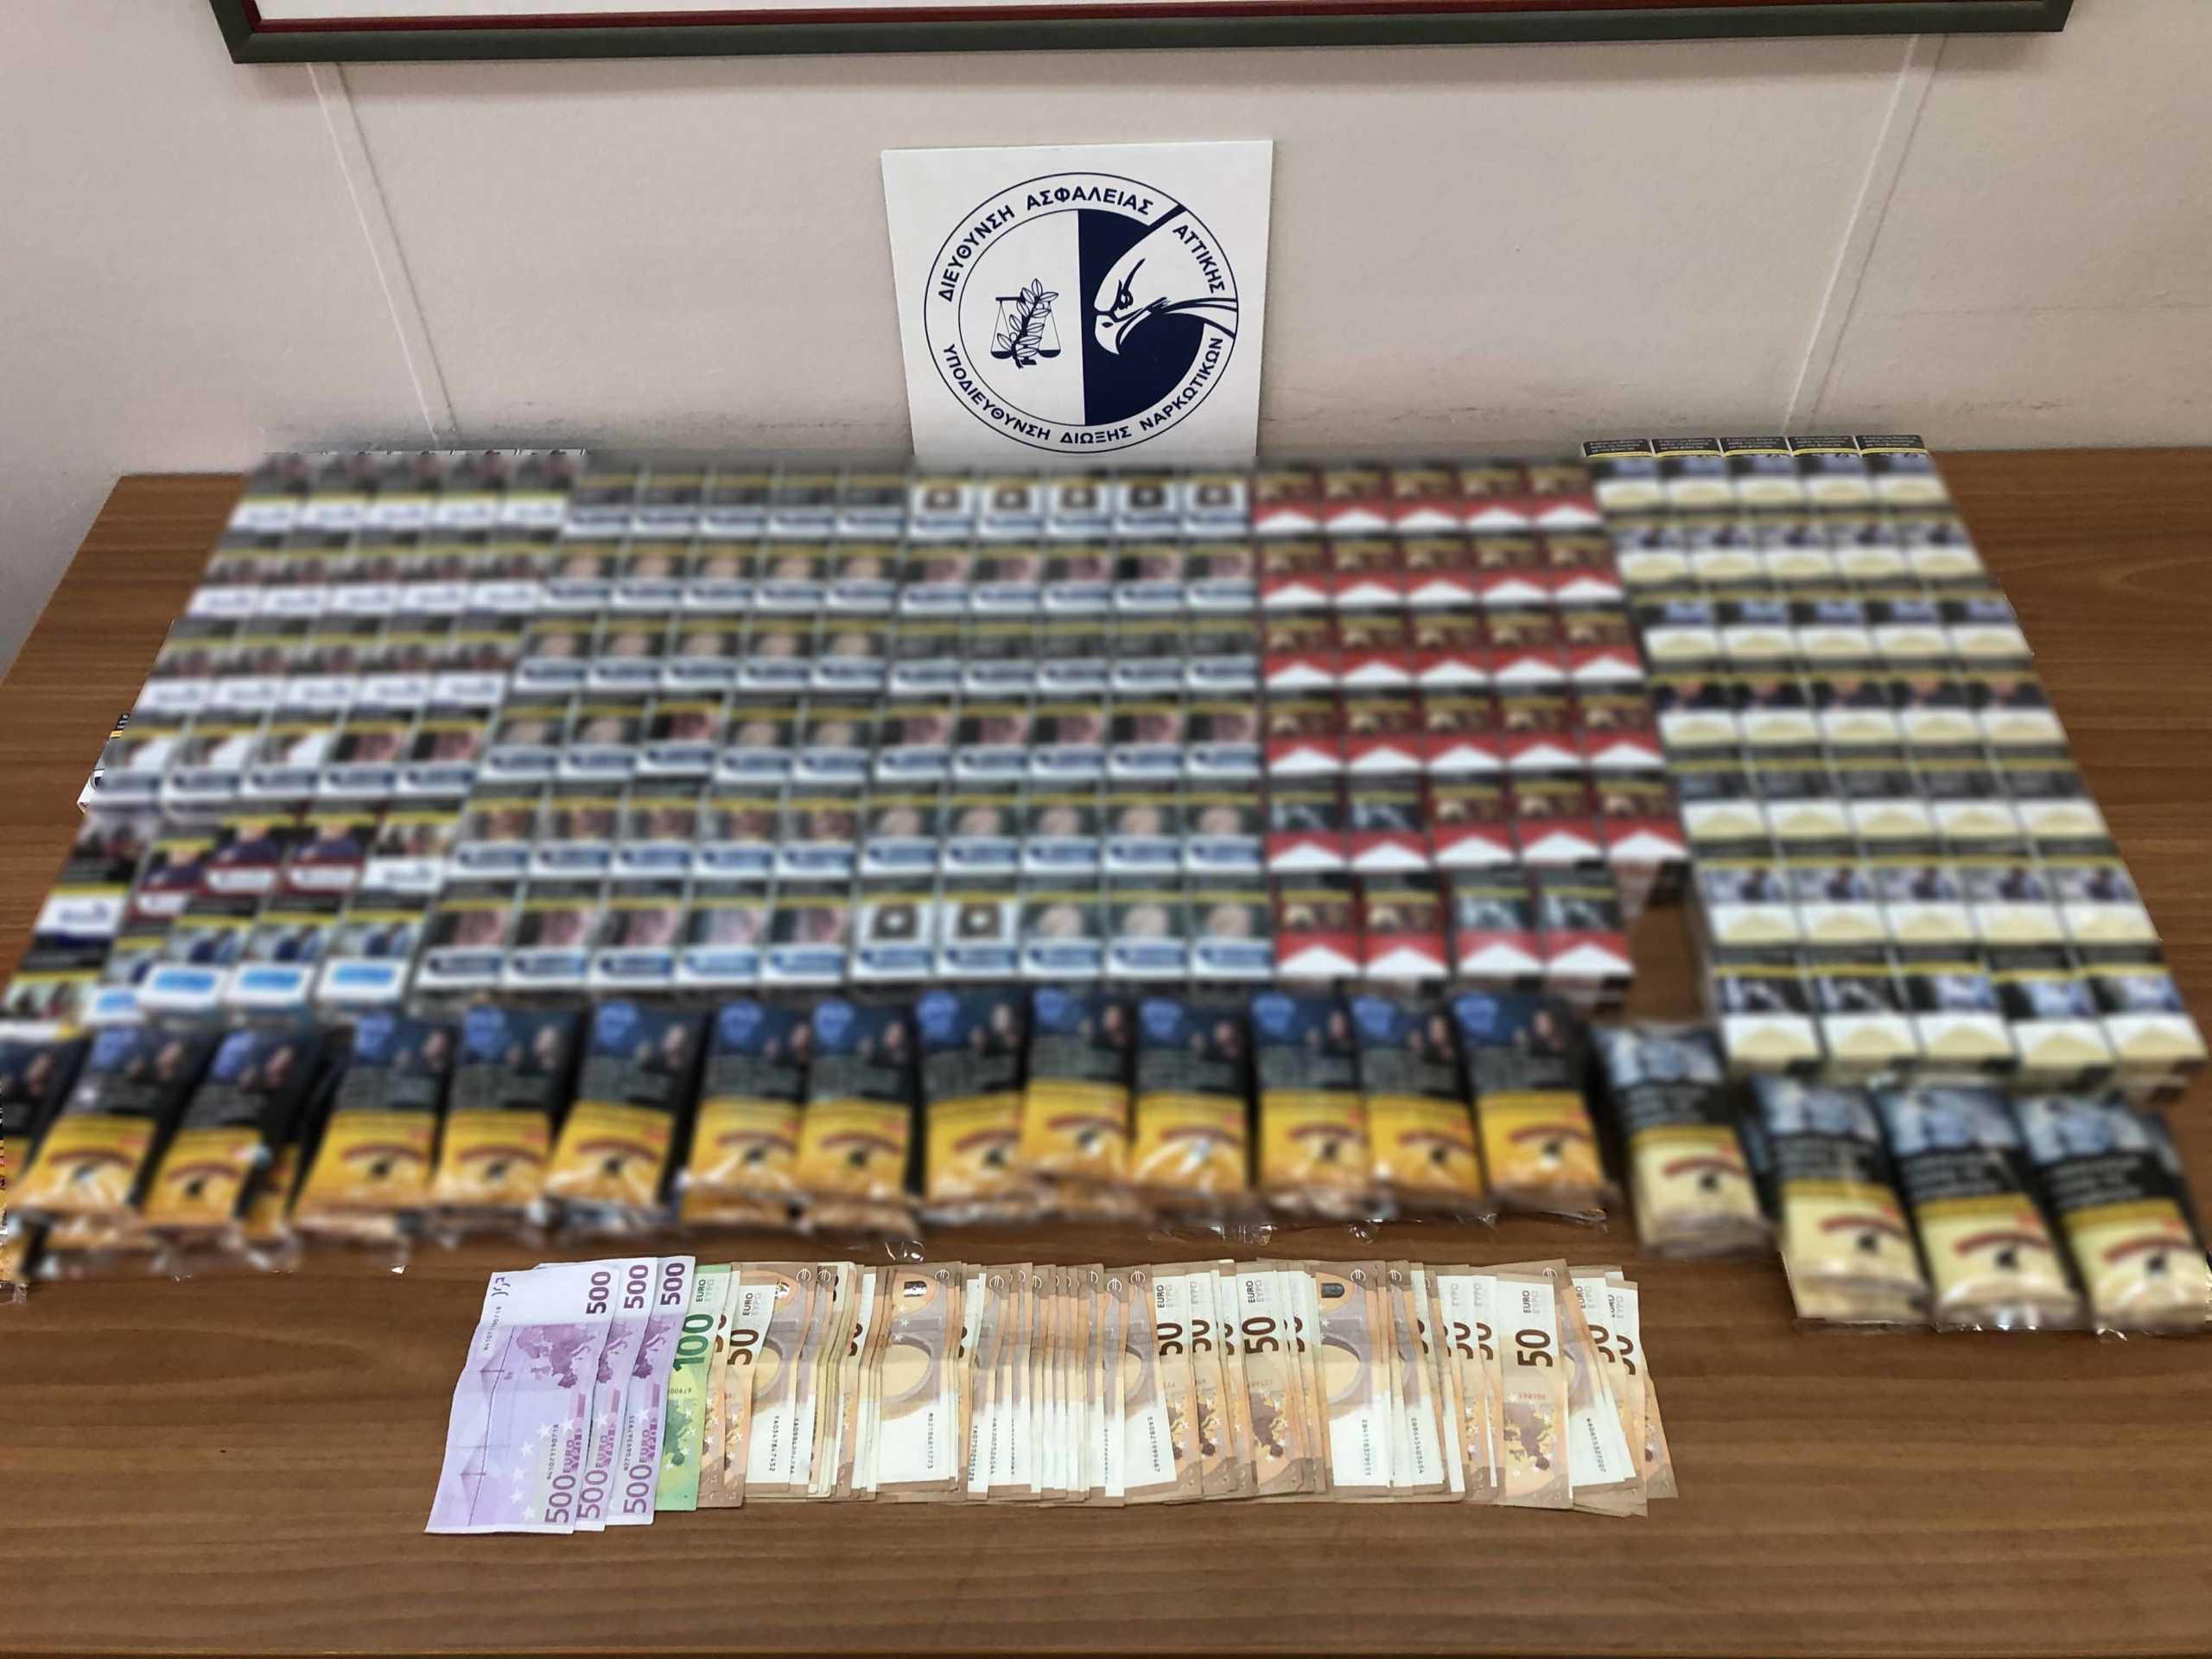 5 συλλήψεις και 55 προσαγωγές σε αστυνομική επιχείρηση σε κτίριο στο κέντρο της Αθήνας